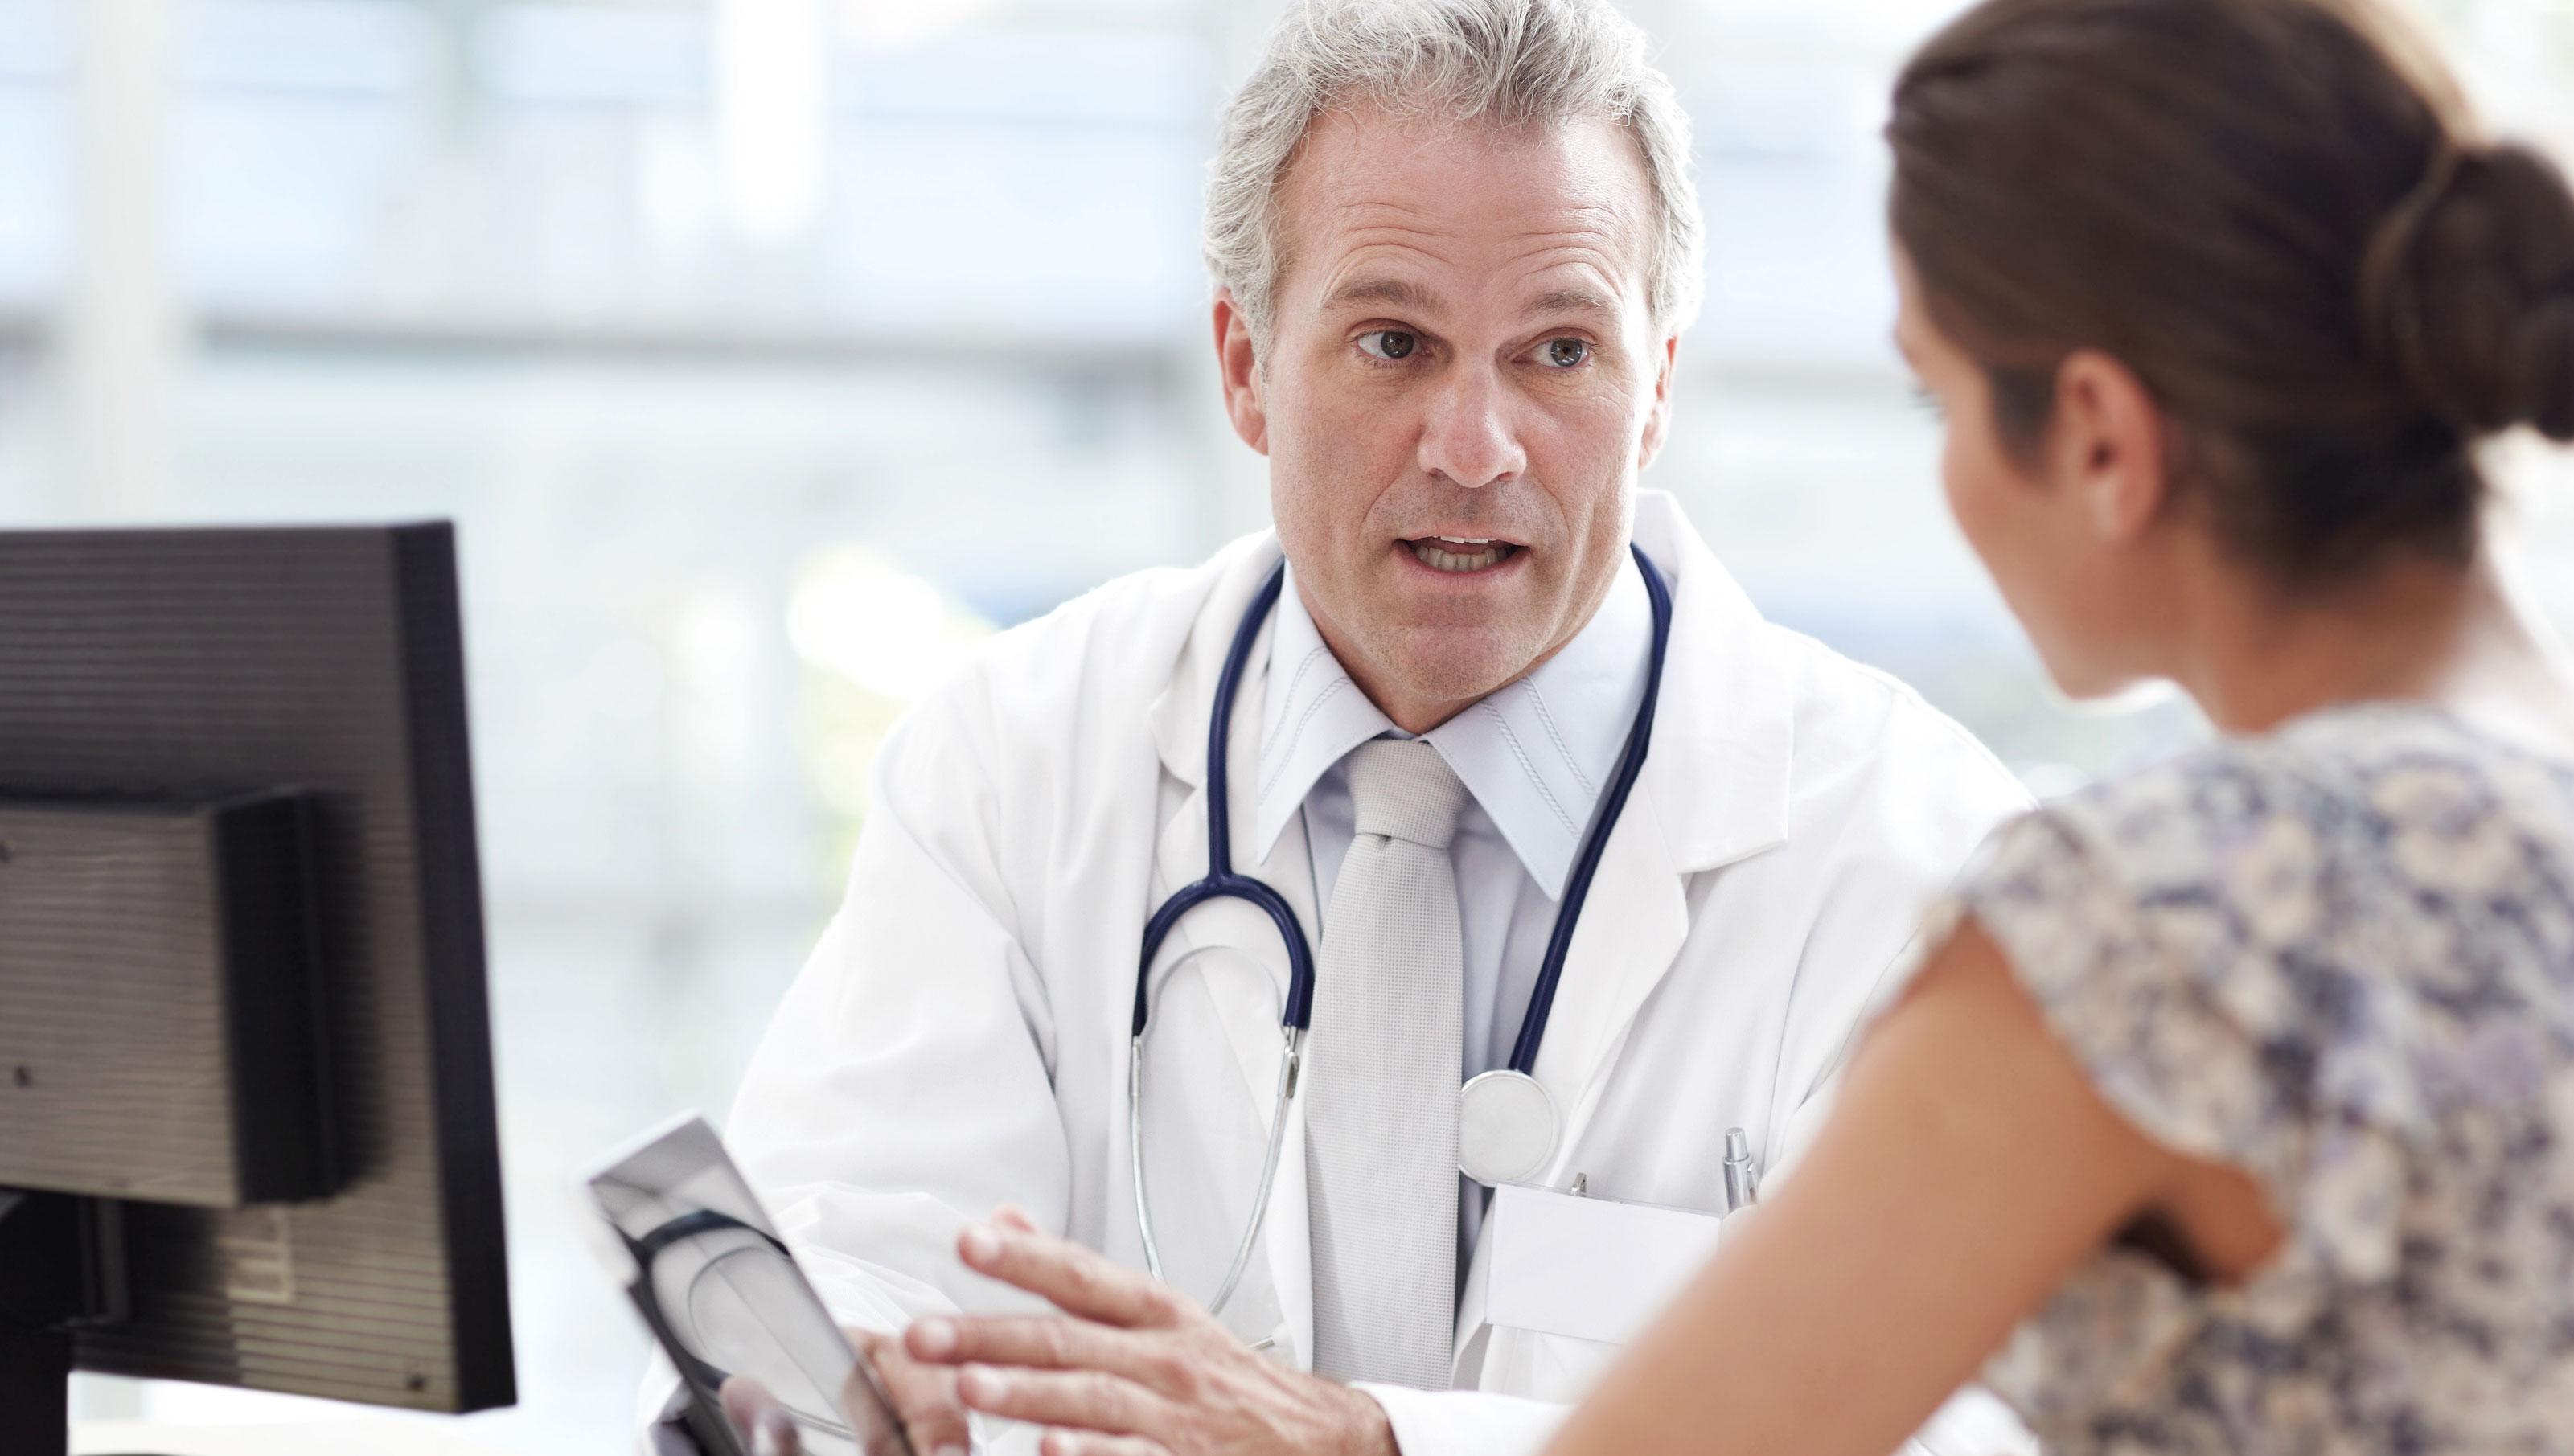 Dokter en vrouw praten over certificaten